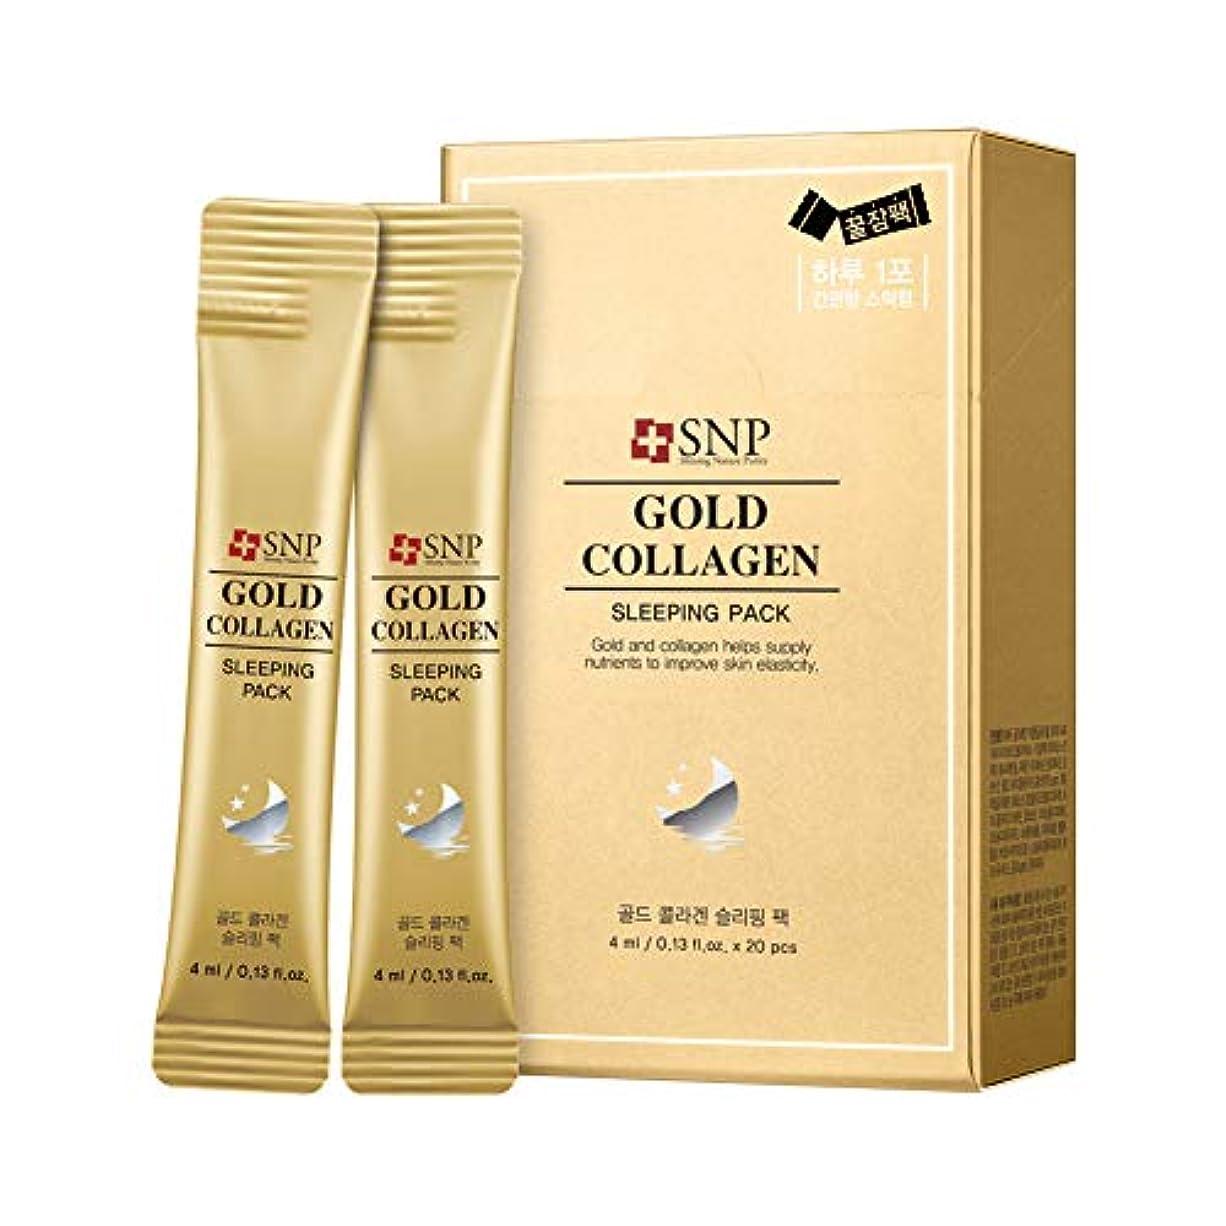 エーカー純粋な文化SNP Gold Collagen Sleeping Pack 20x4ml/0.13oz並行輸入品